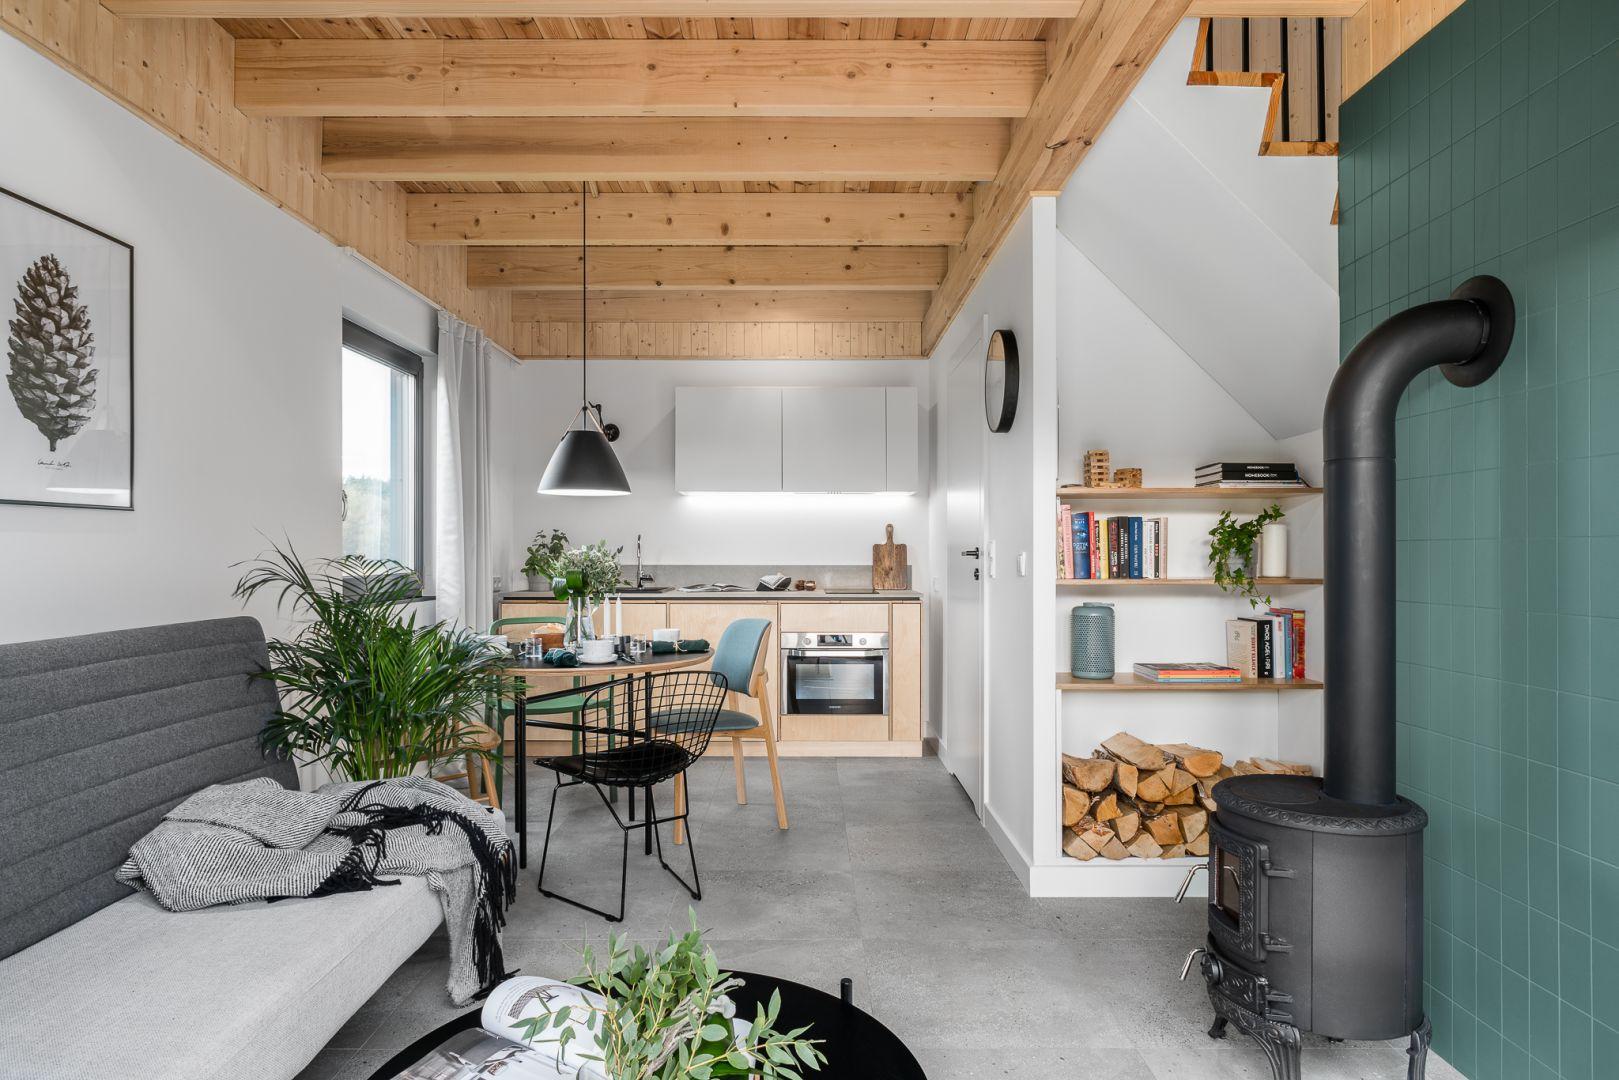 Parter domku stanowi salon z aneksem kuchennym i przestronna łazienka. Projekt: Raca Architekci. Fot. Fotomohito